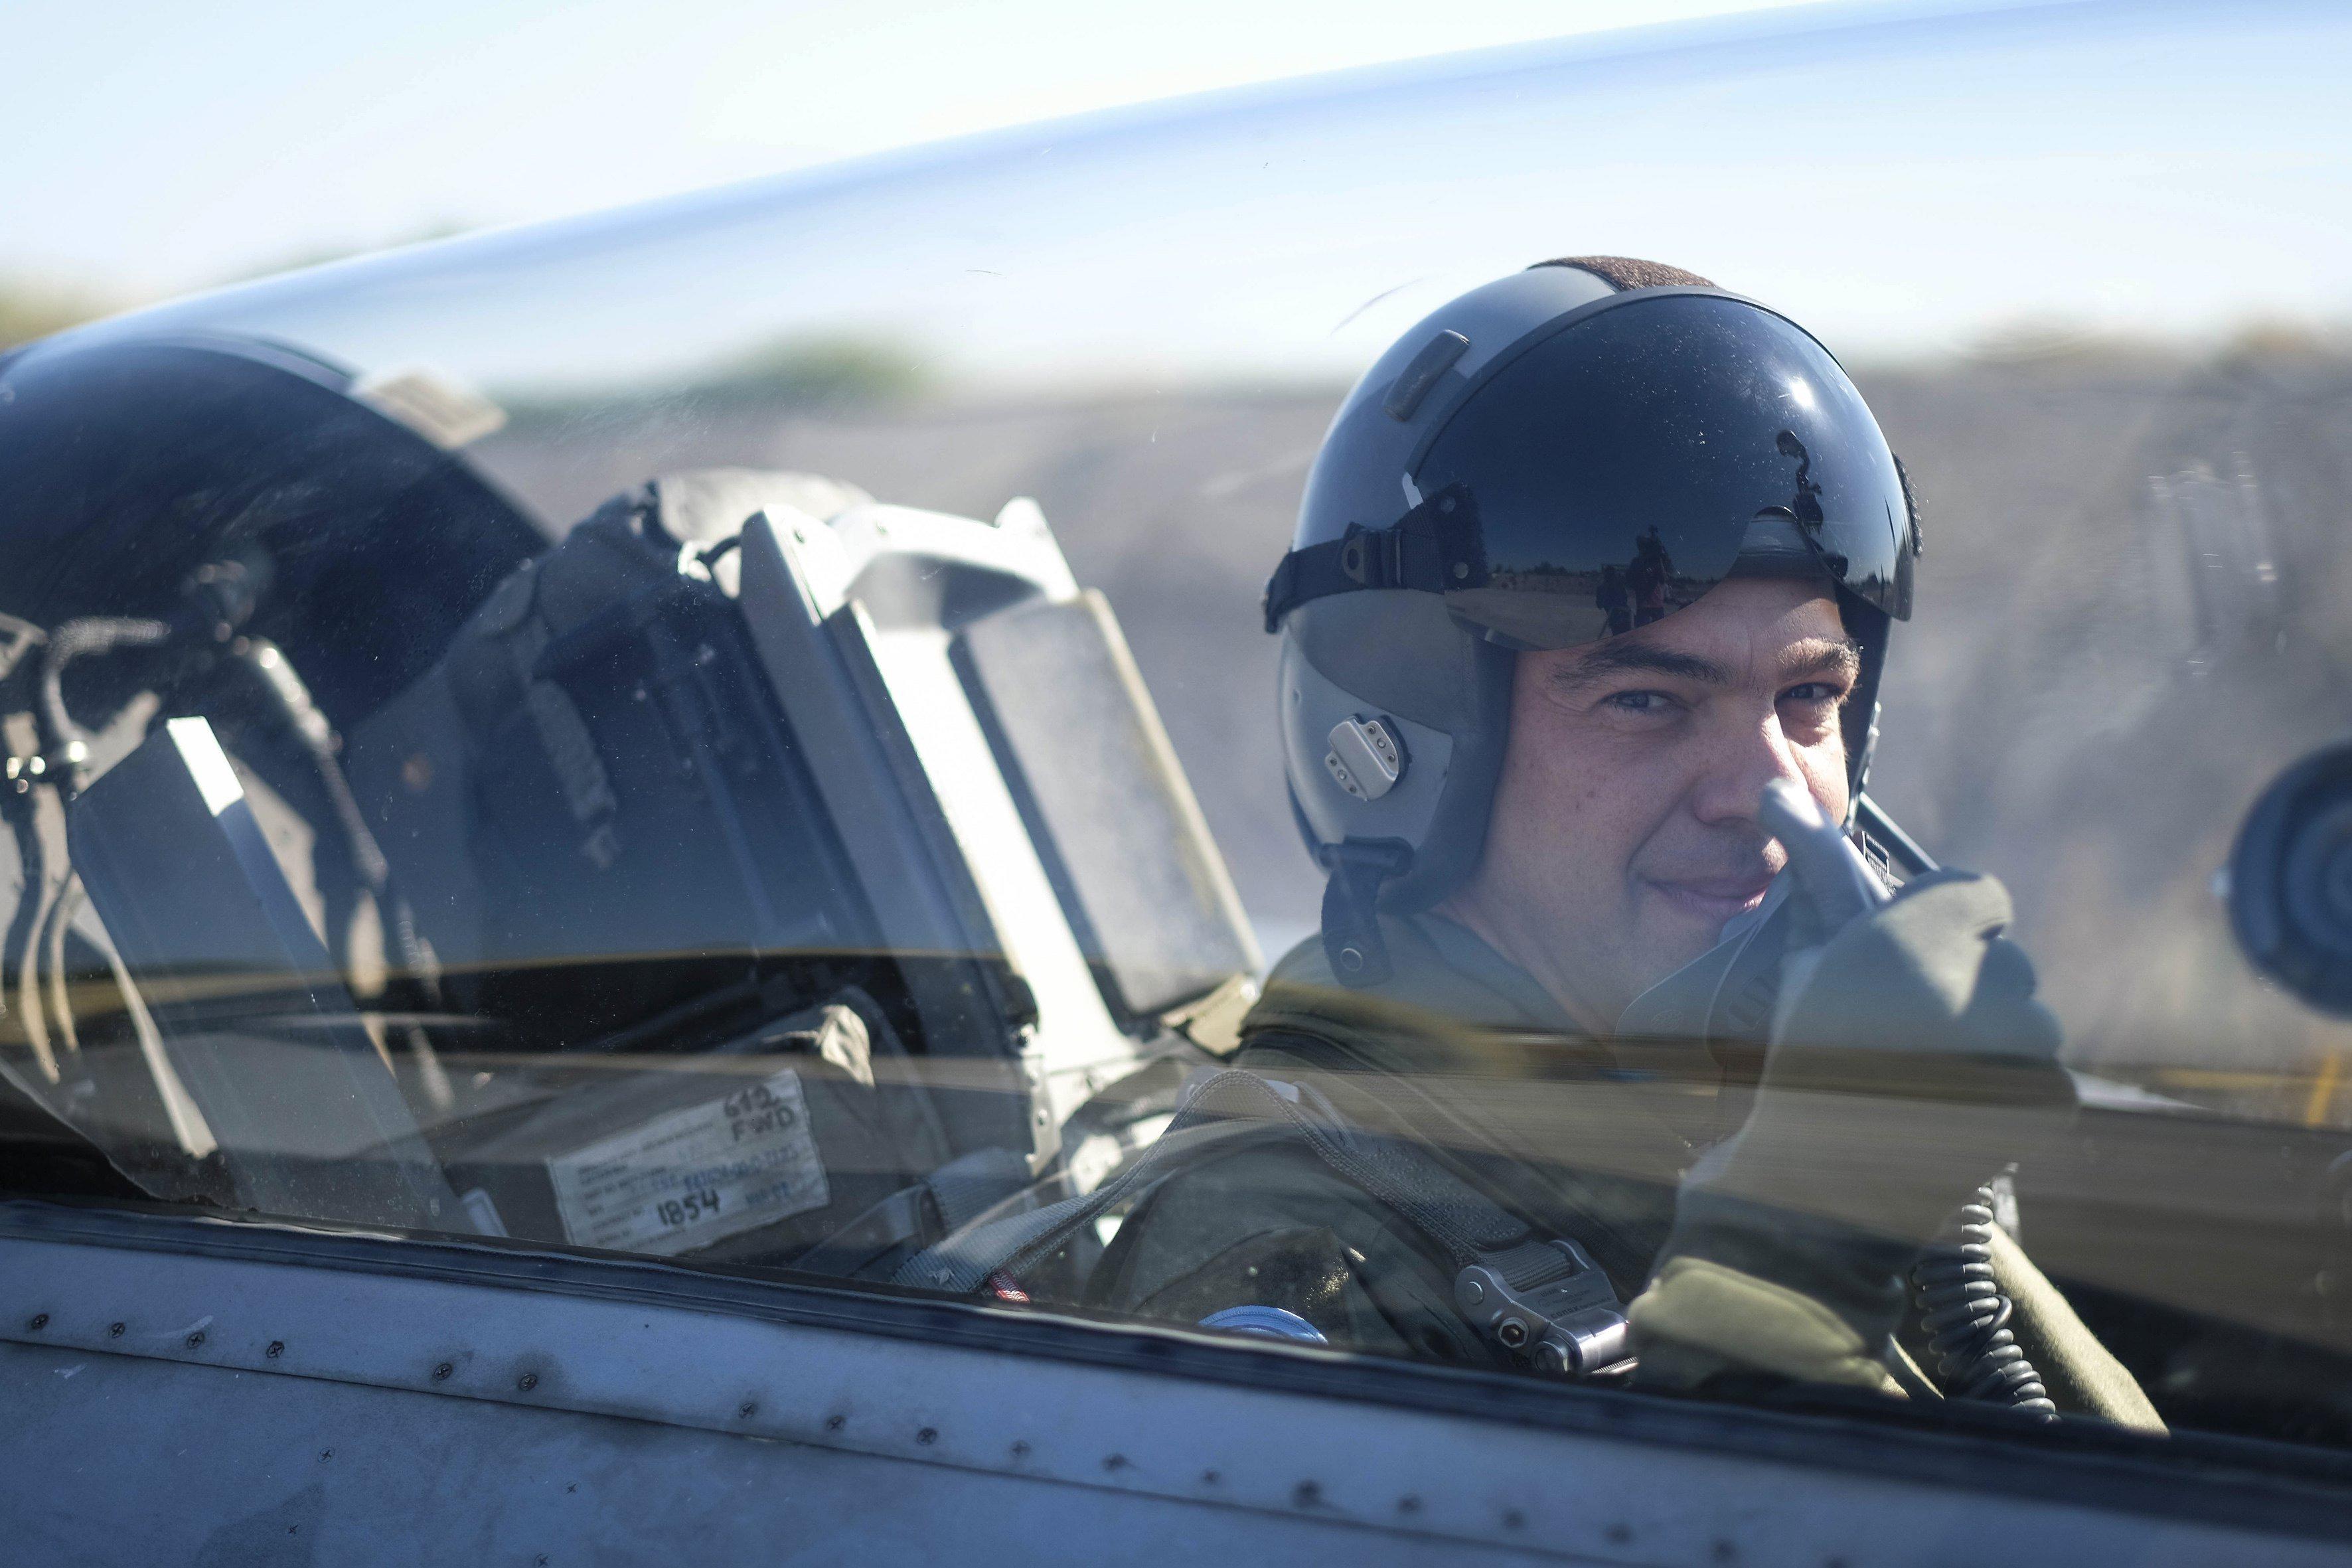 El primer ministre grec, Alexis Tsipras, es prepara abans de volar a un F16, a l'aeroport militar de Làrissa, a Grècia. Tsipras ha volat en un avió de combat F-16 mentre visitava l'ala de combat de la Força Aèria Hel·lènica en Làrissa./ANTREA BONETTI